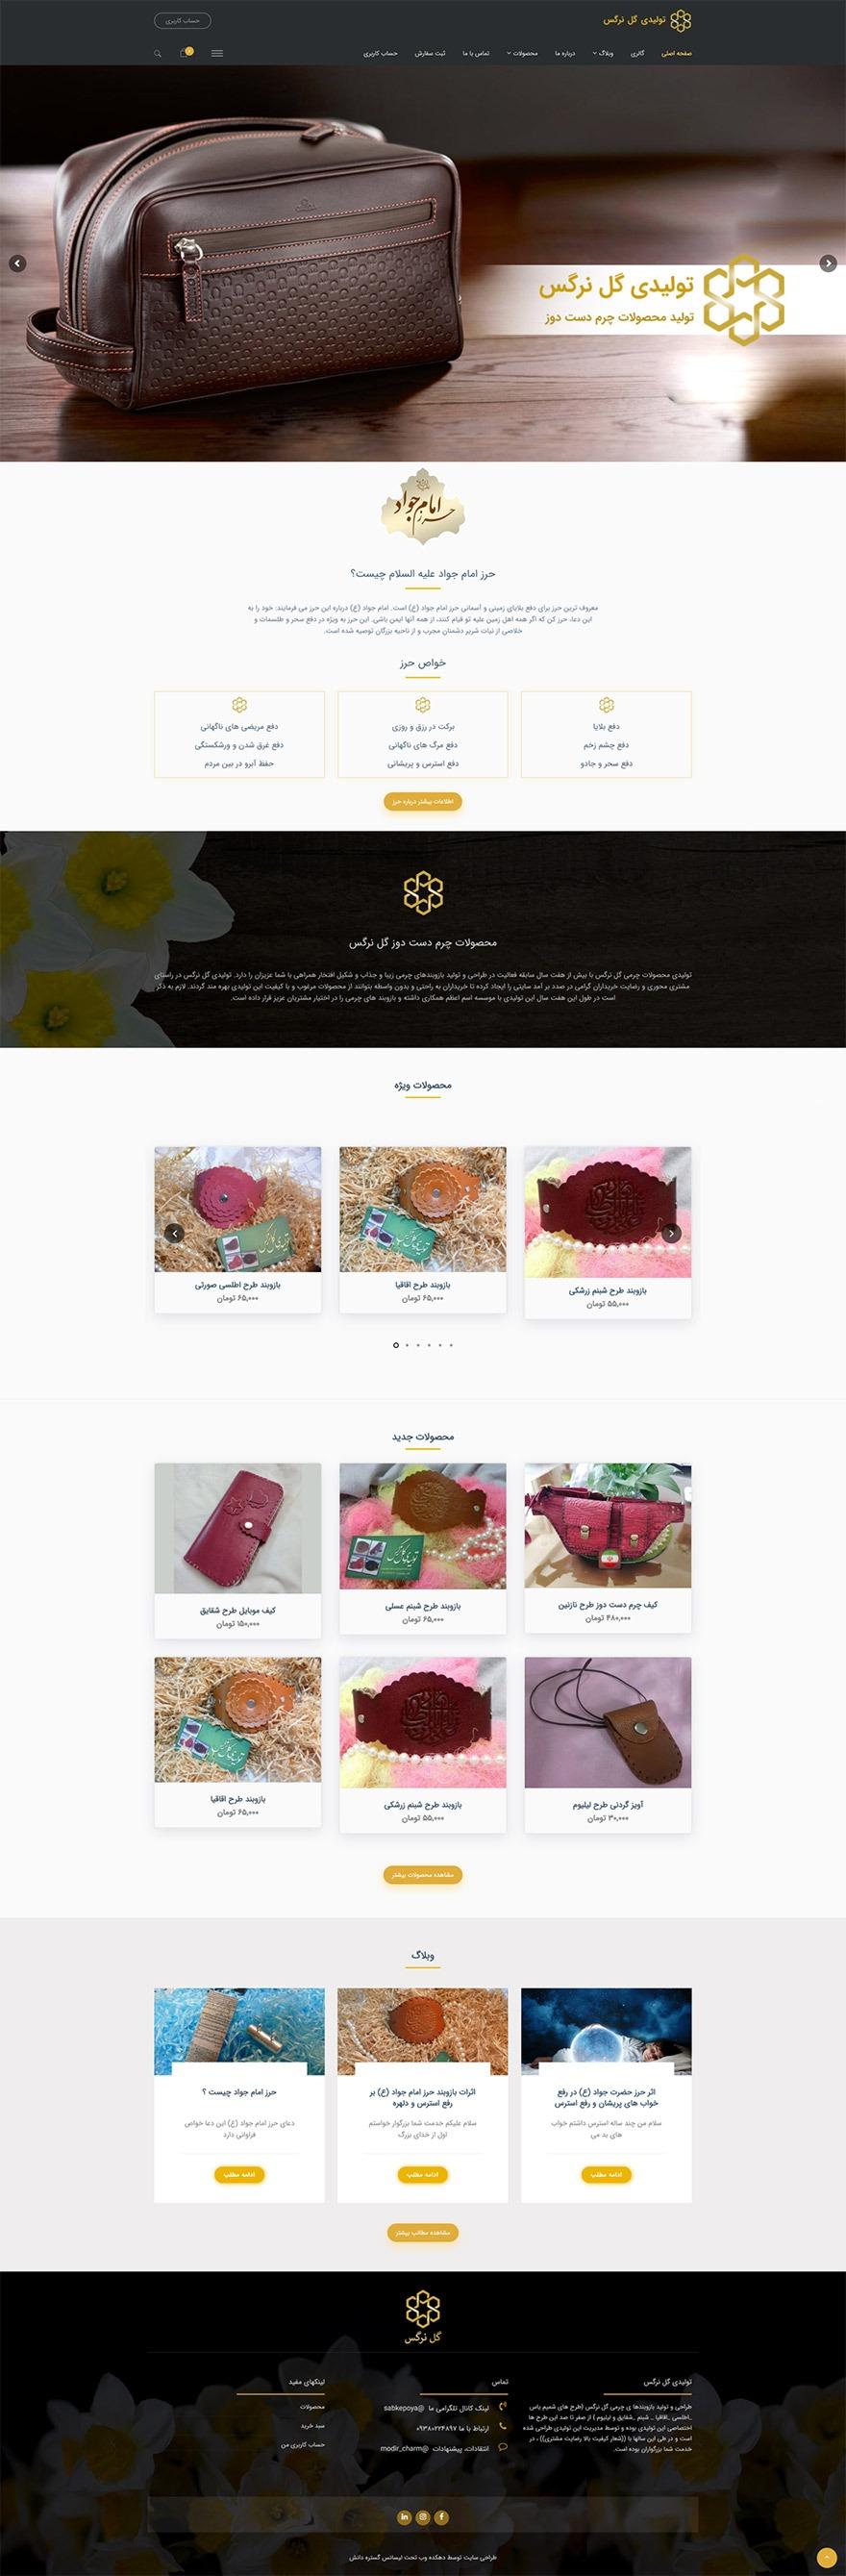 طراحی سایت تولیدی گل نرگس